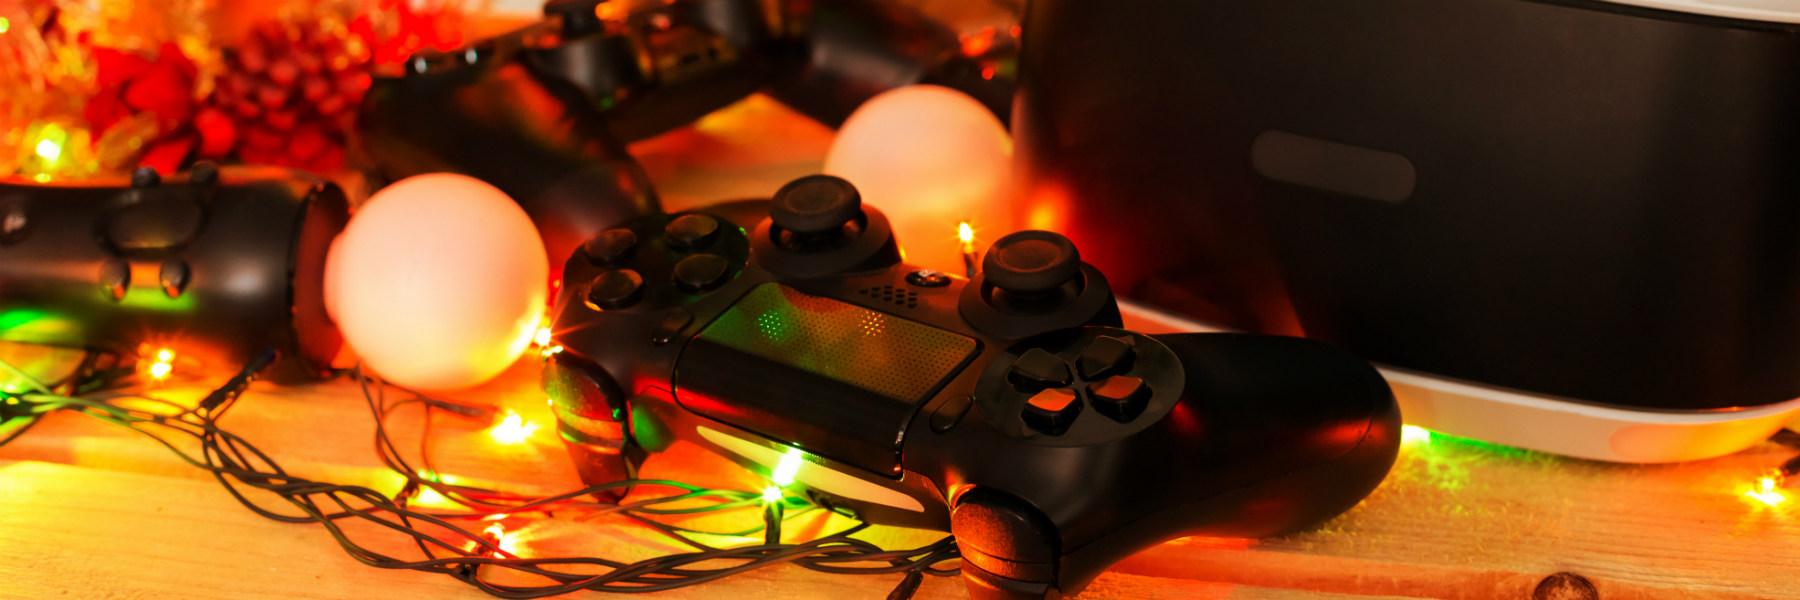 zestaw gamingowy pod choinke